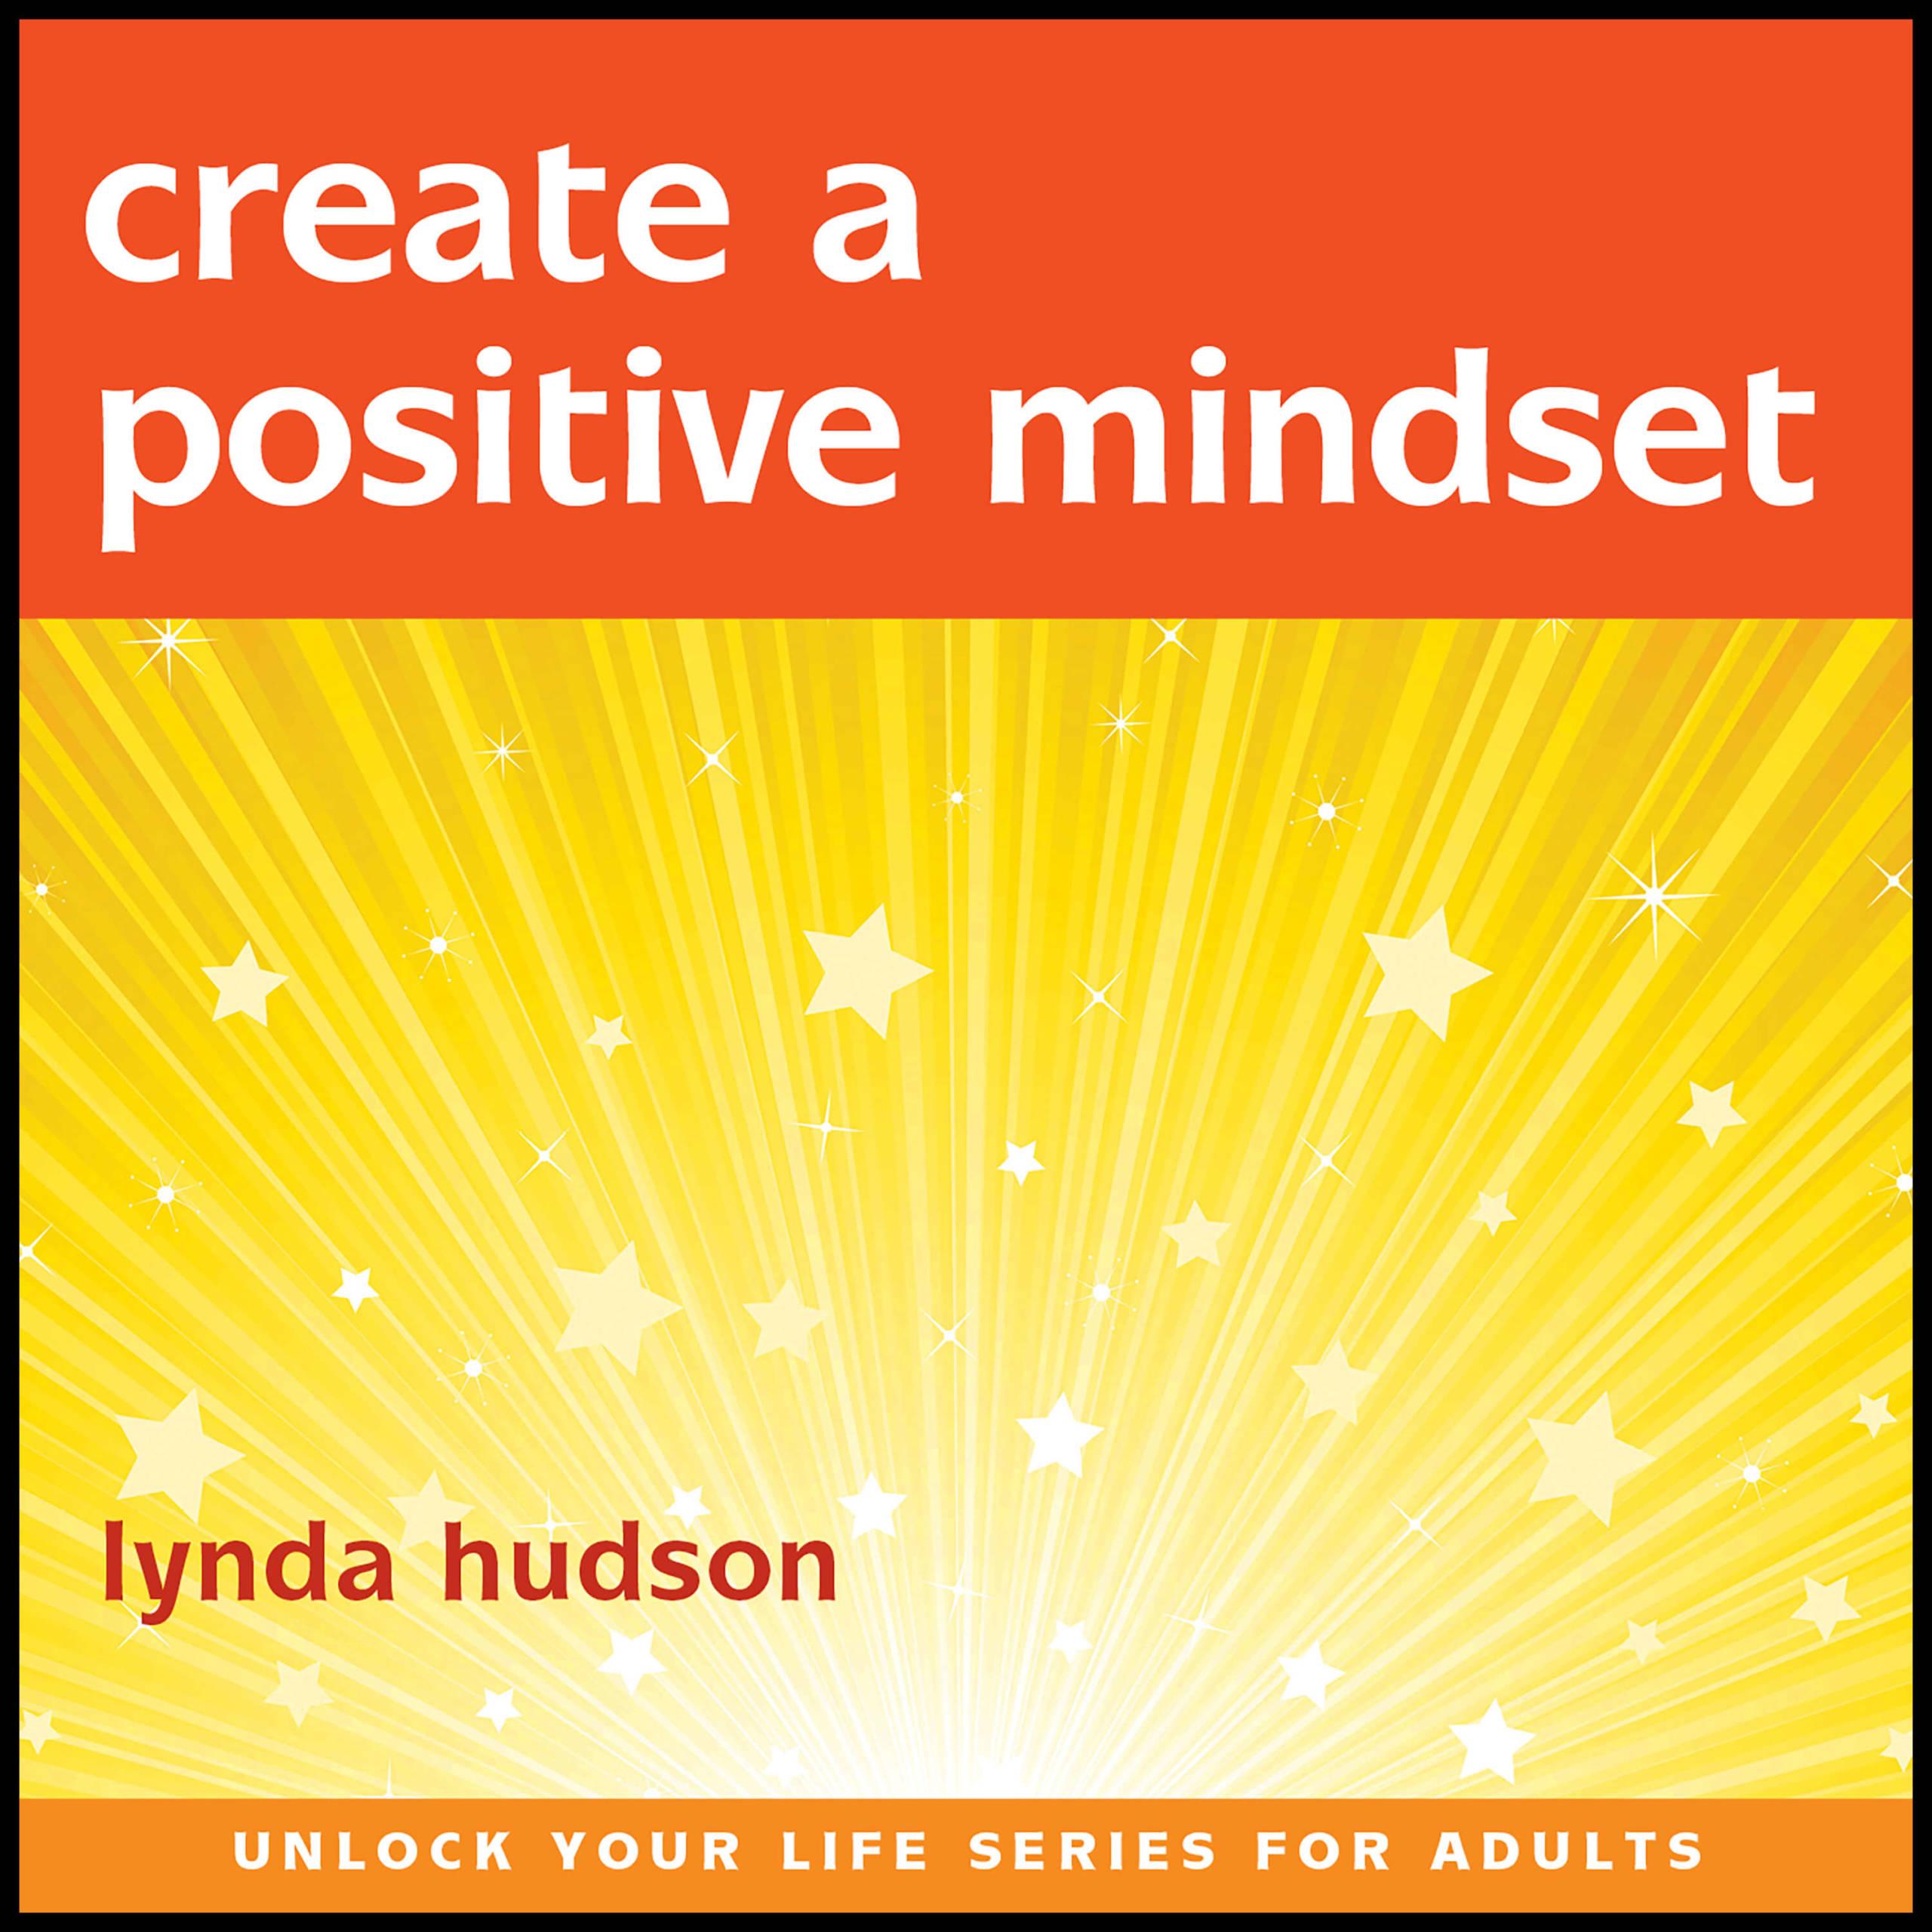 Create A Positive Mindset